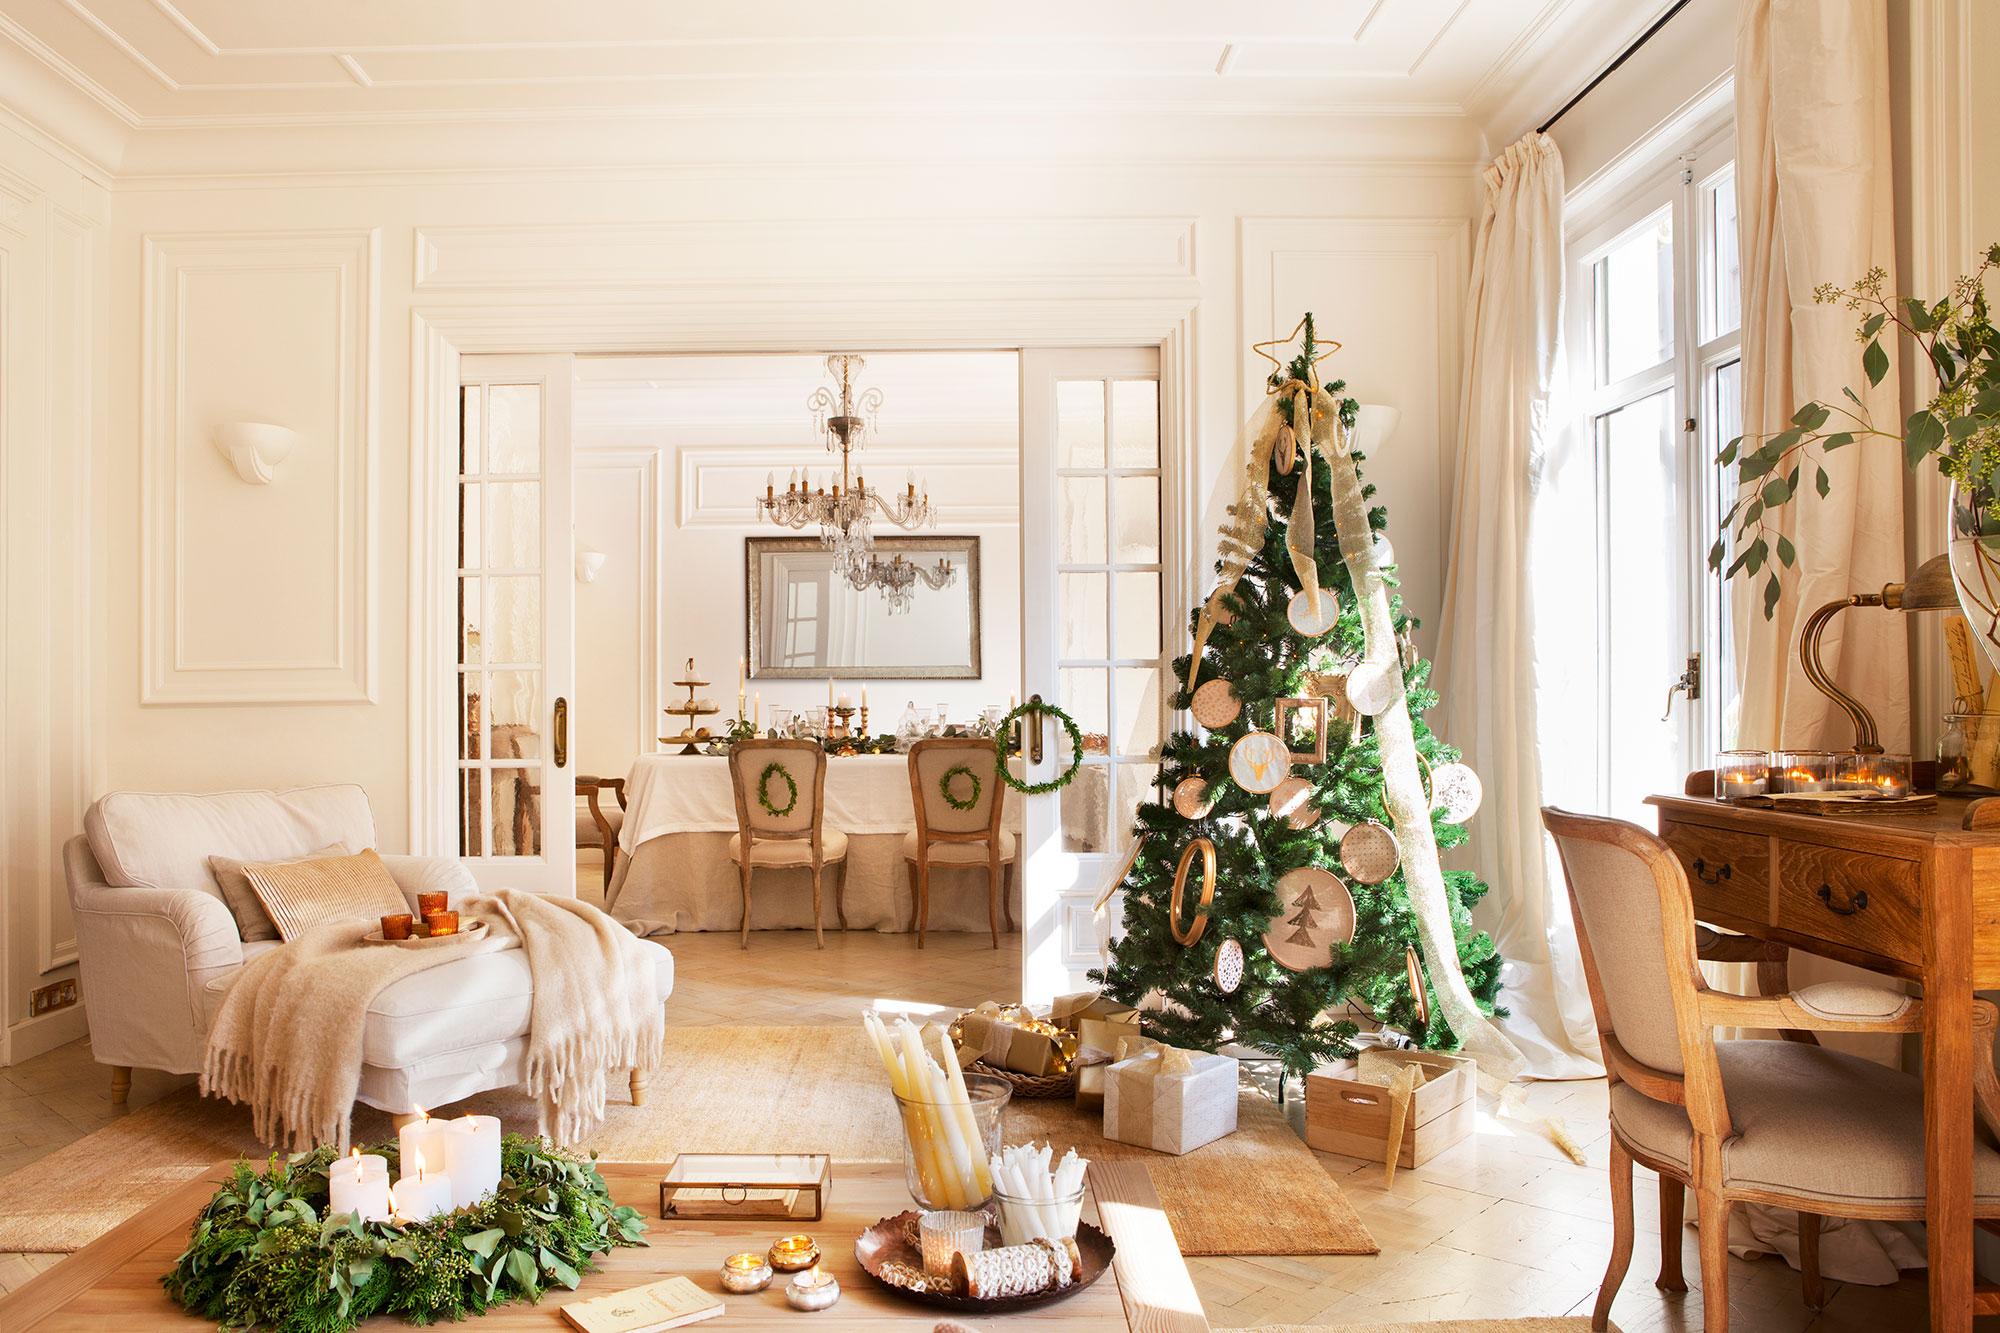 Salón con vistas al comedor decorado de Navidad con árbol con adornos en blanco y dorado